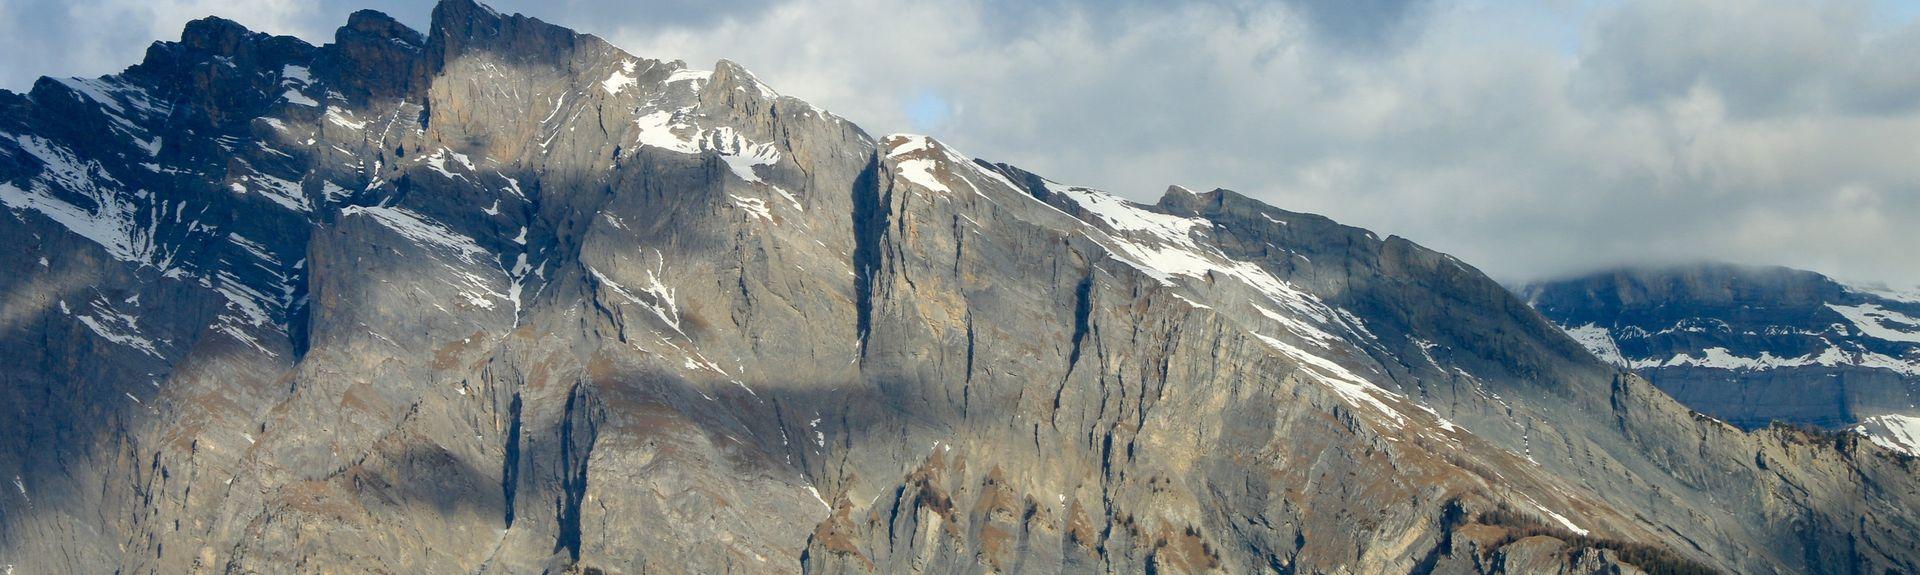 La Tzoumaz, Riddes, Valais, Switzerland